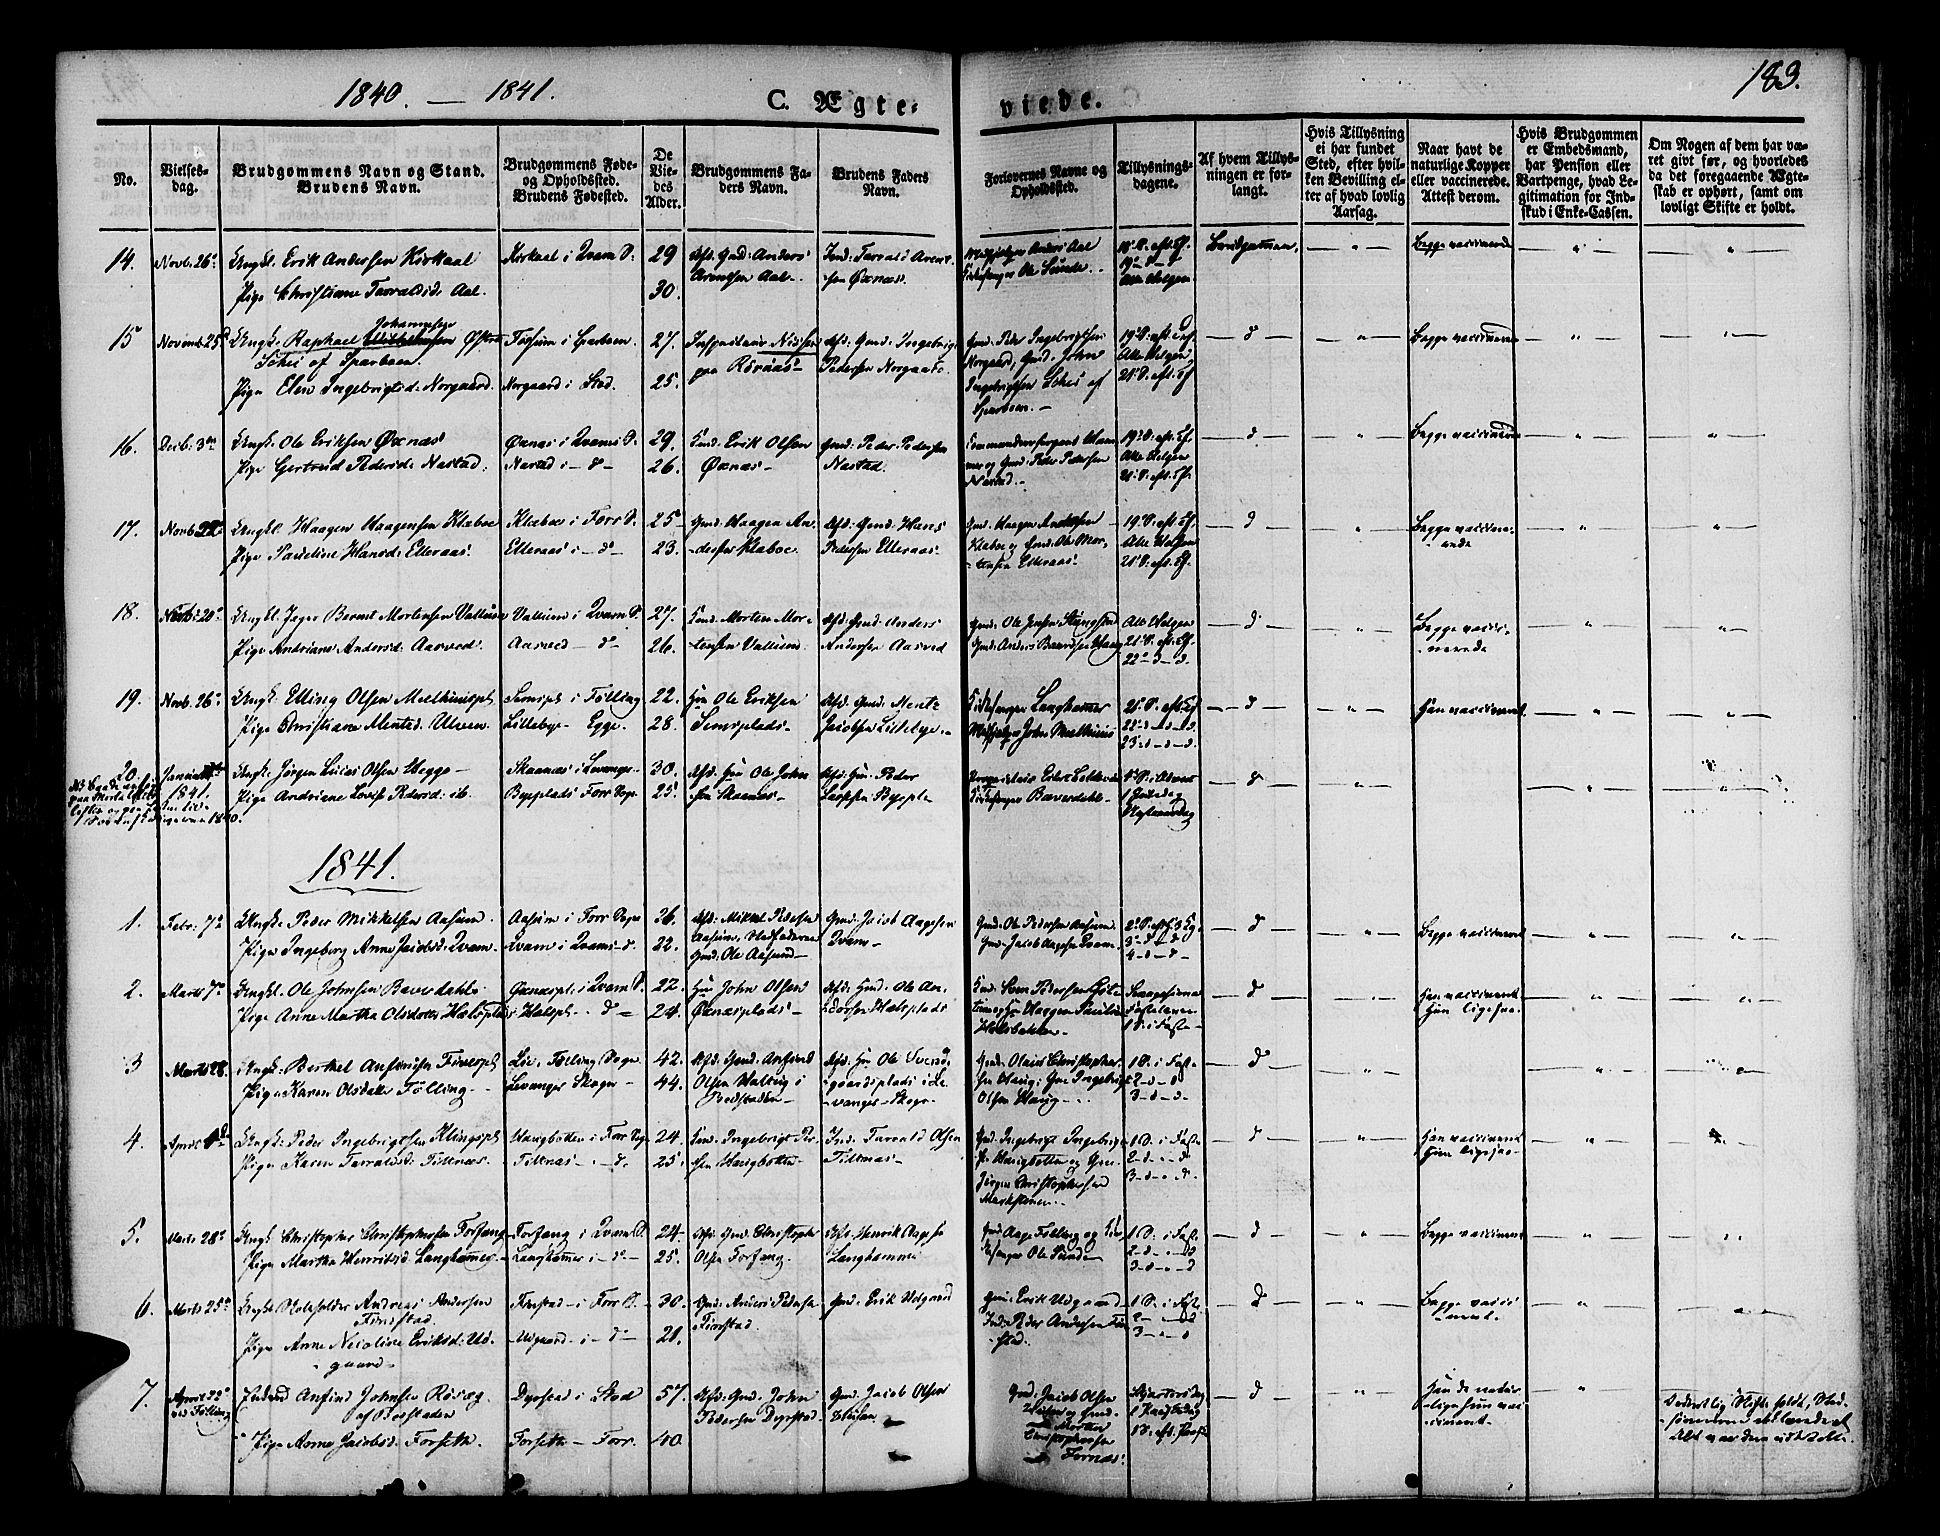 SAT, Ministerialprotokoller, klokkerbøker og fødselsregistre - Nord-Trøndelag, 746/L0445: Ministerialbok nr. 746A04, 1826-1846, s. 183